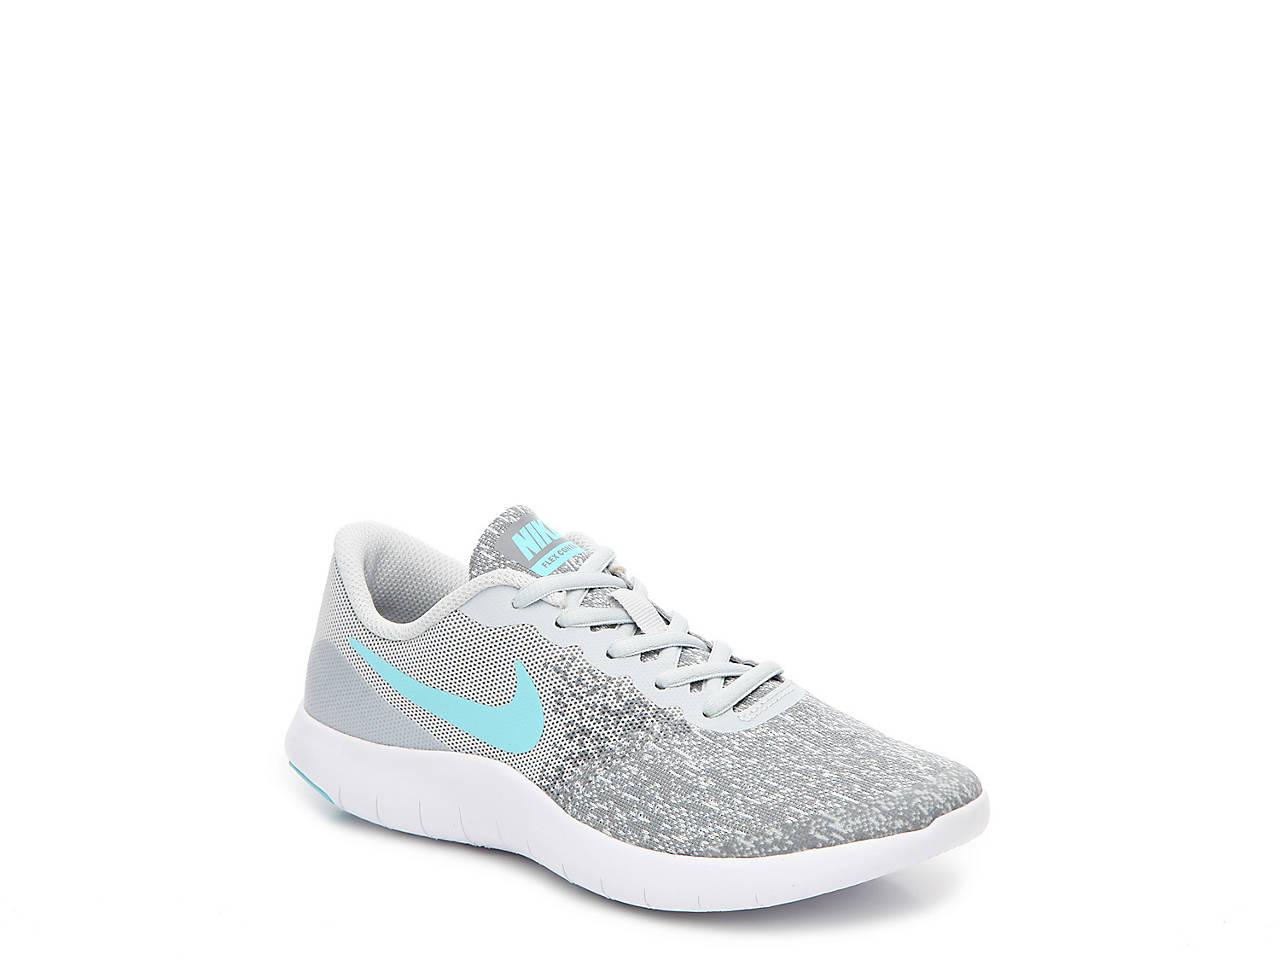 8f65481436a0 Nike Flex Contact Youth Running Shoe Kids Shoes